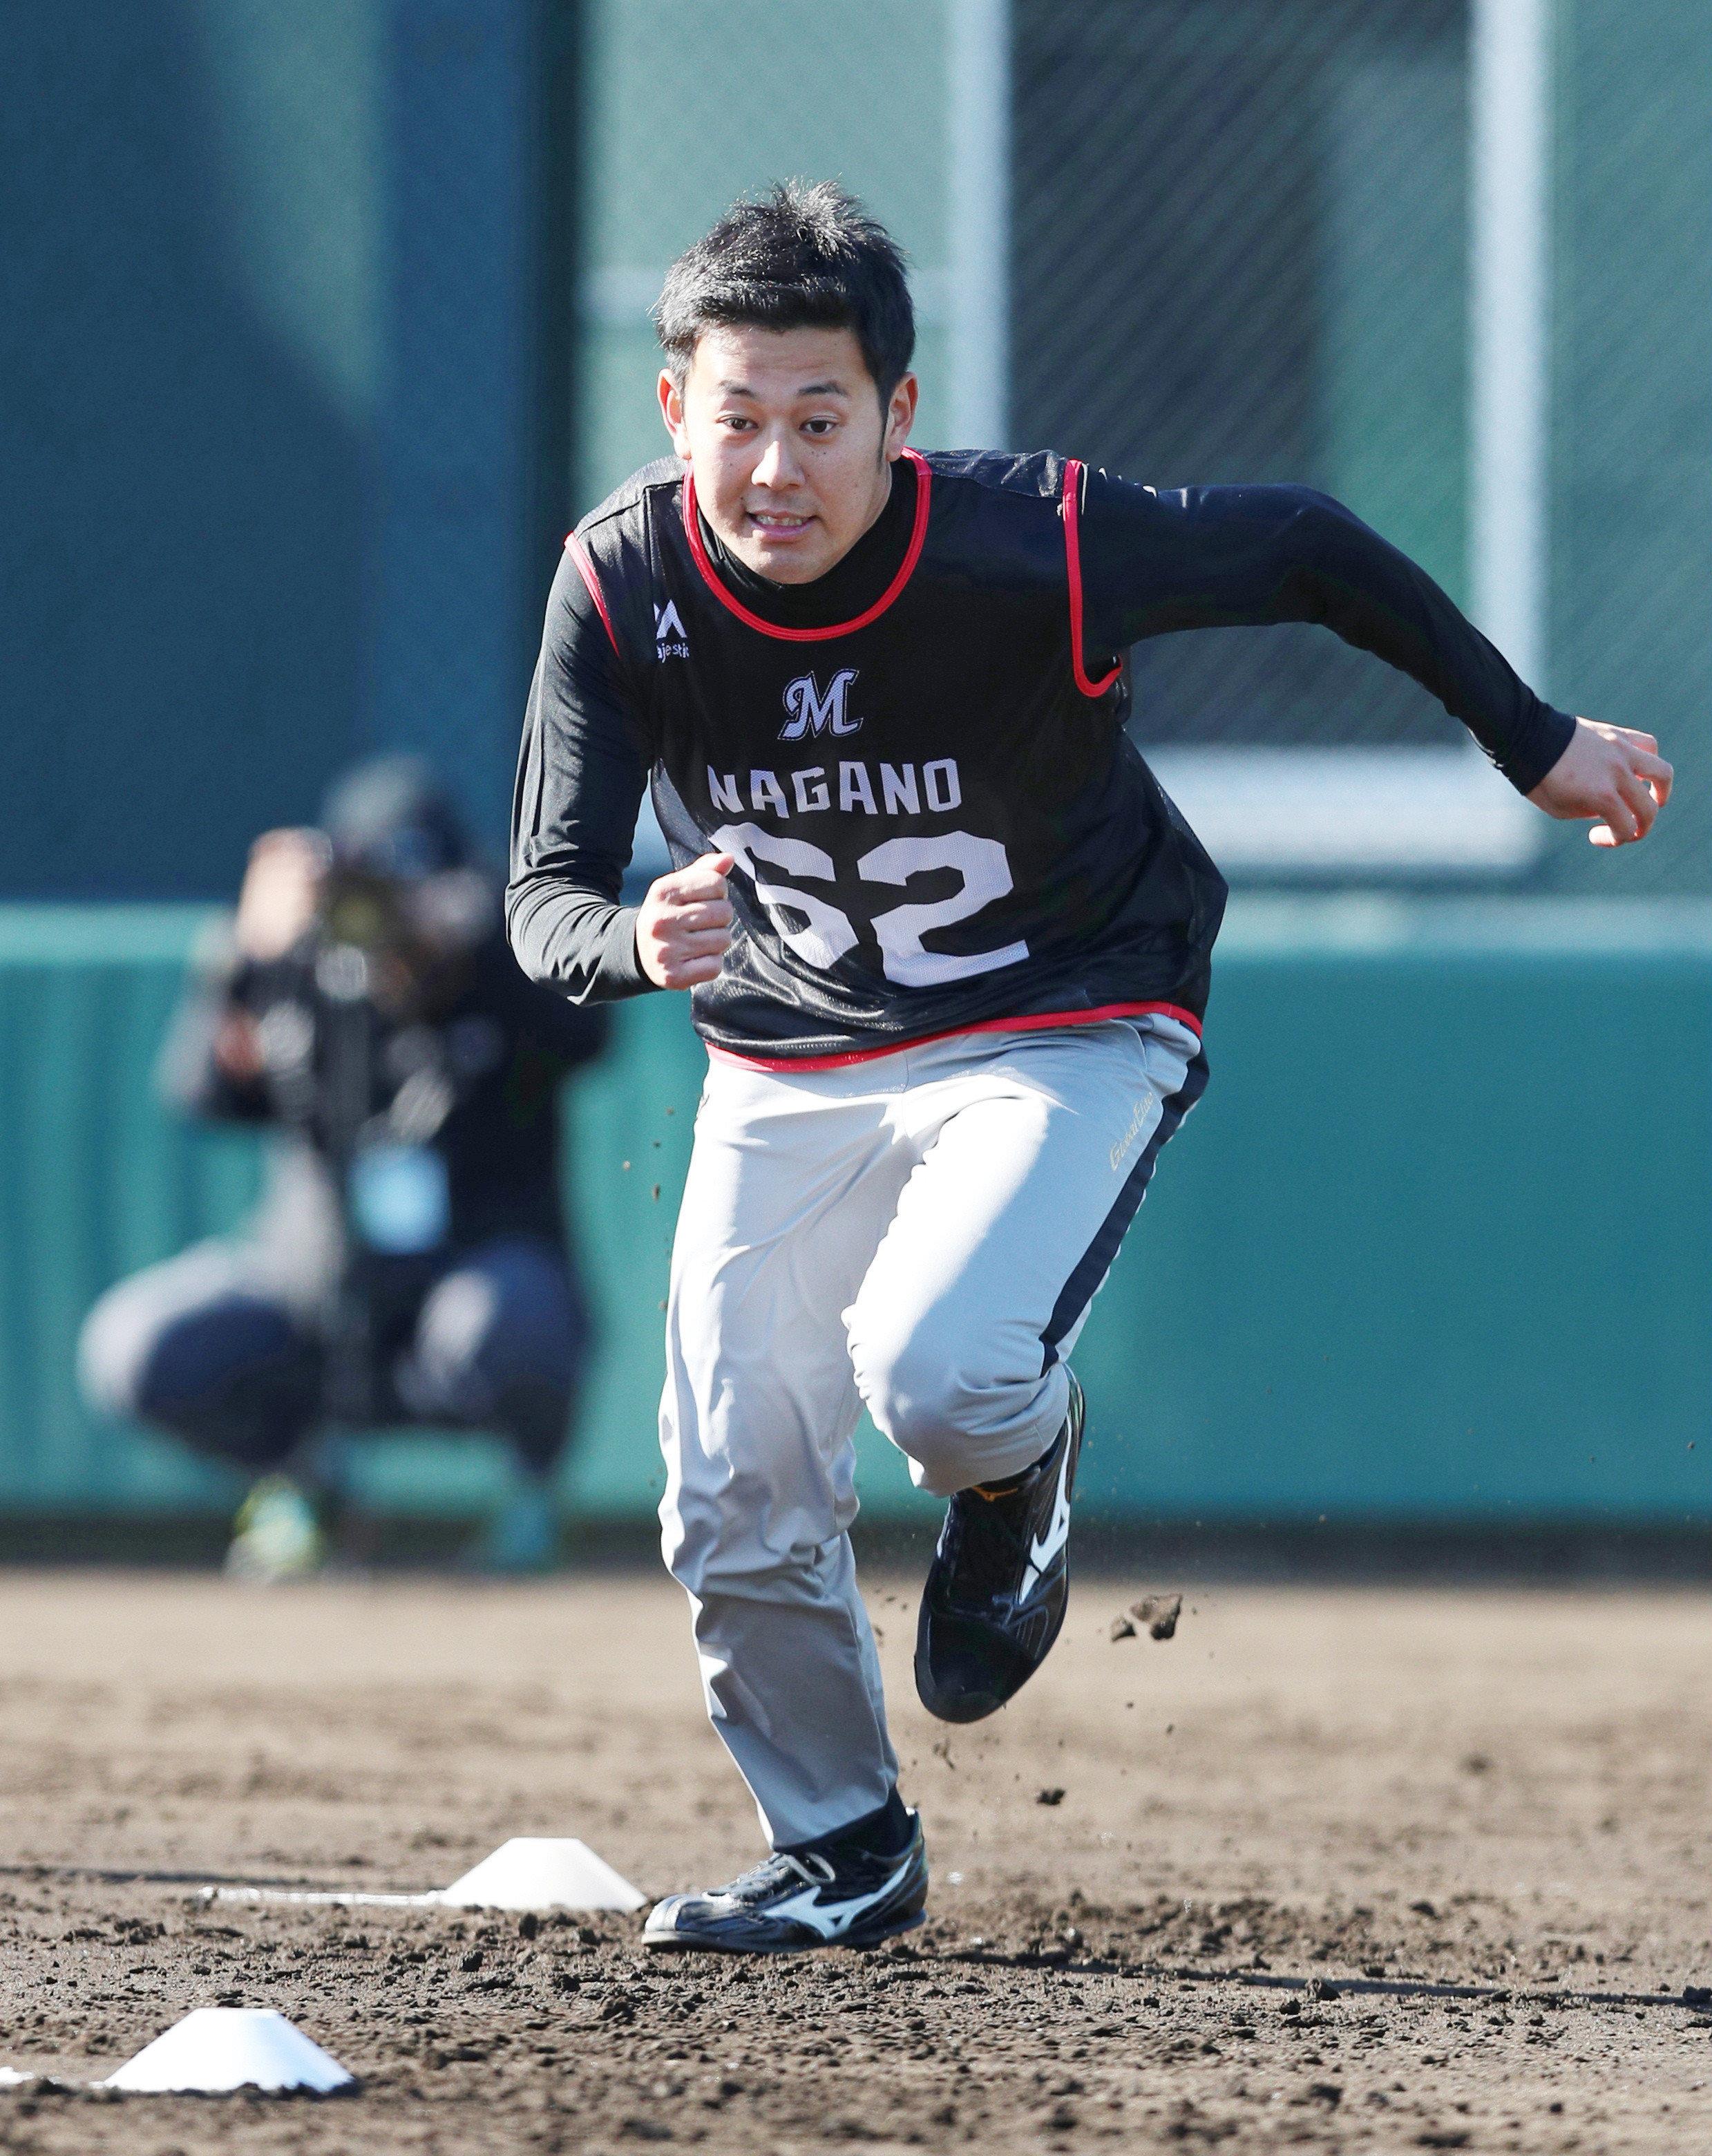 永野将司投手